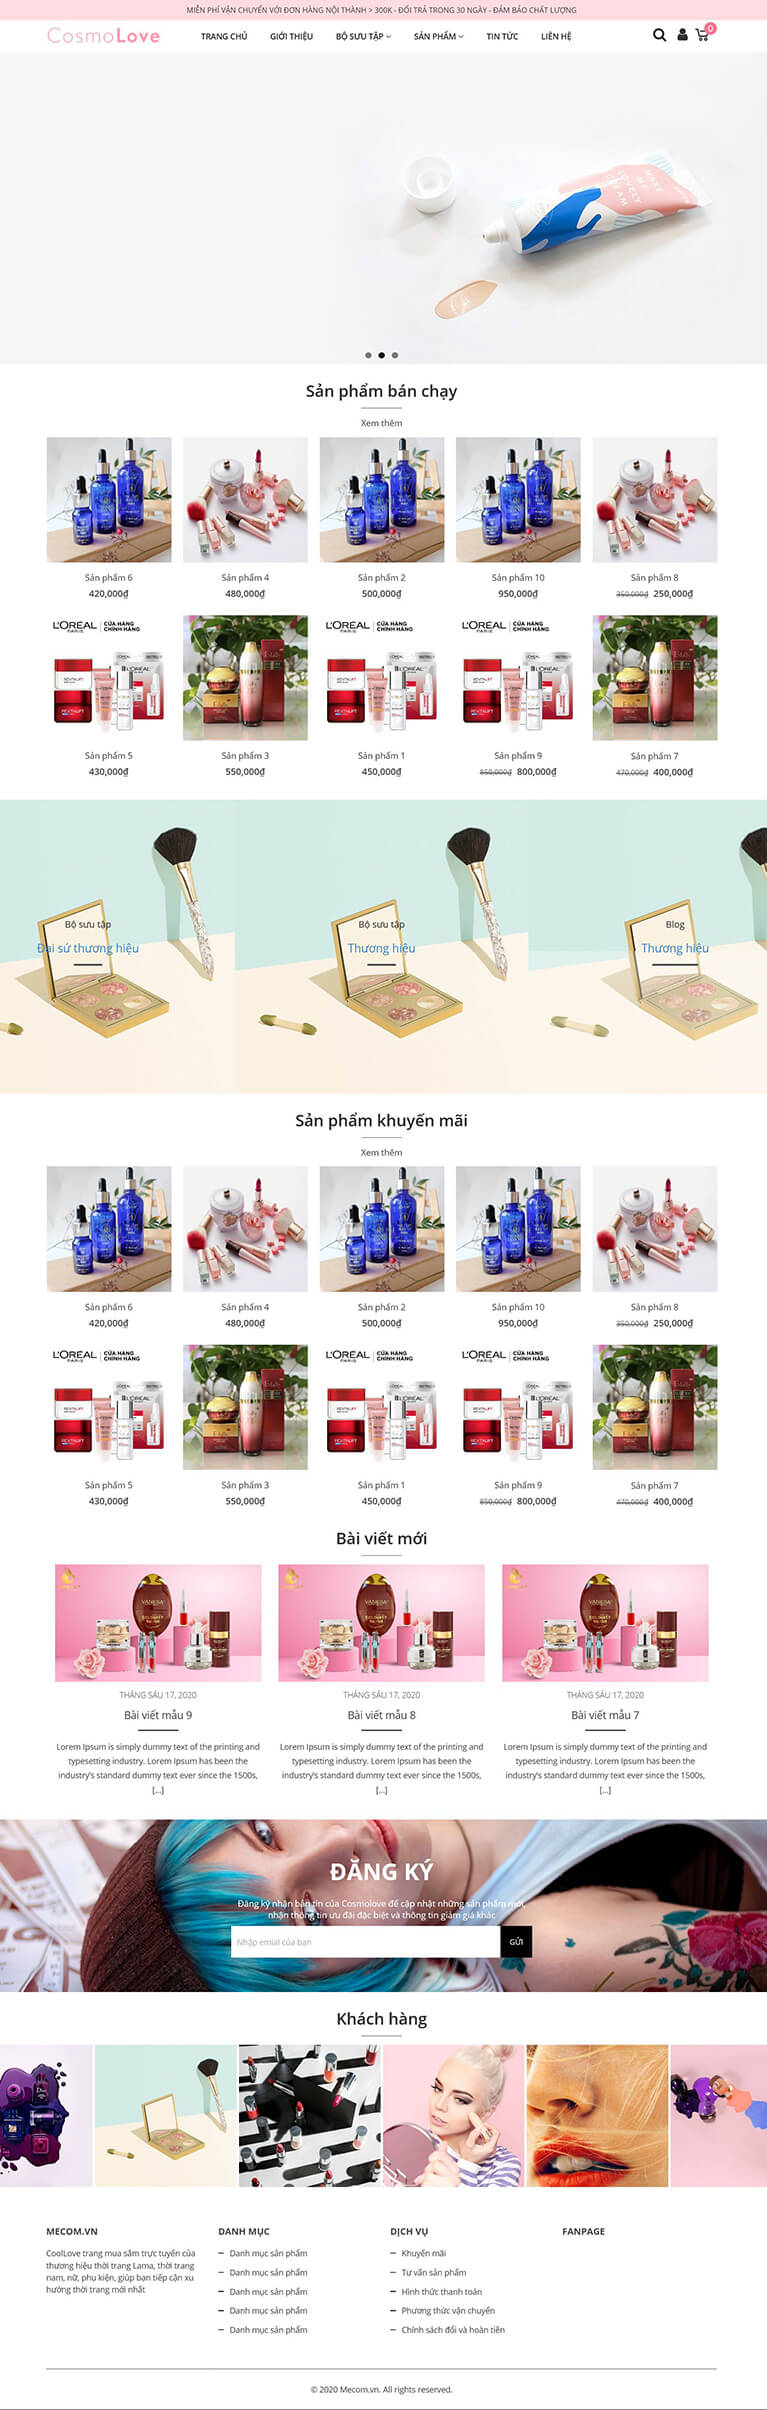 Thiết kế website bán mỹ phẩm CosmoLove